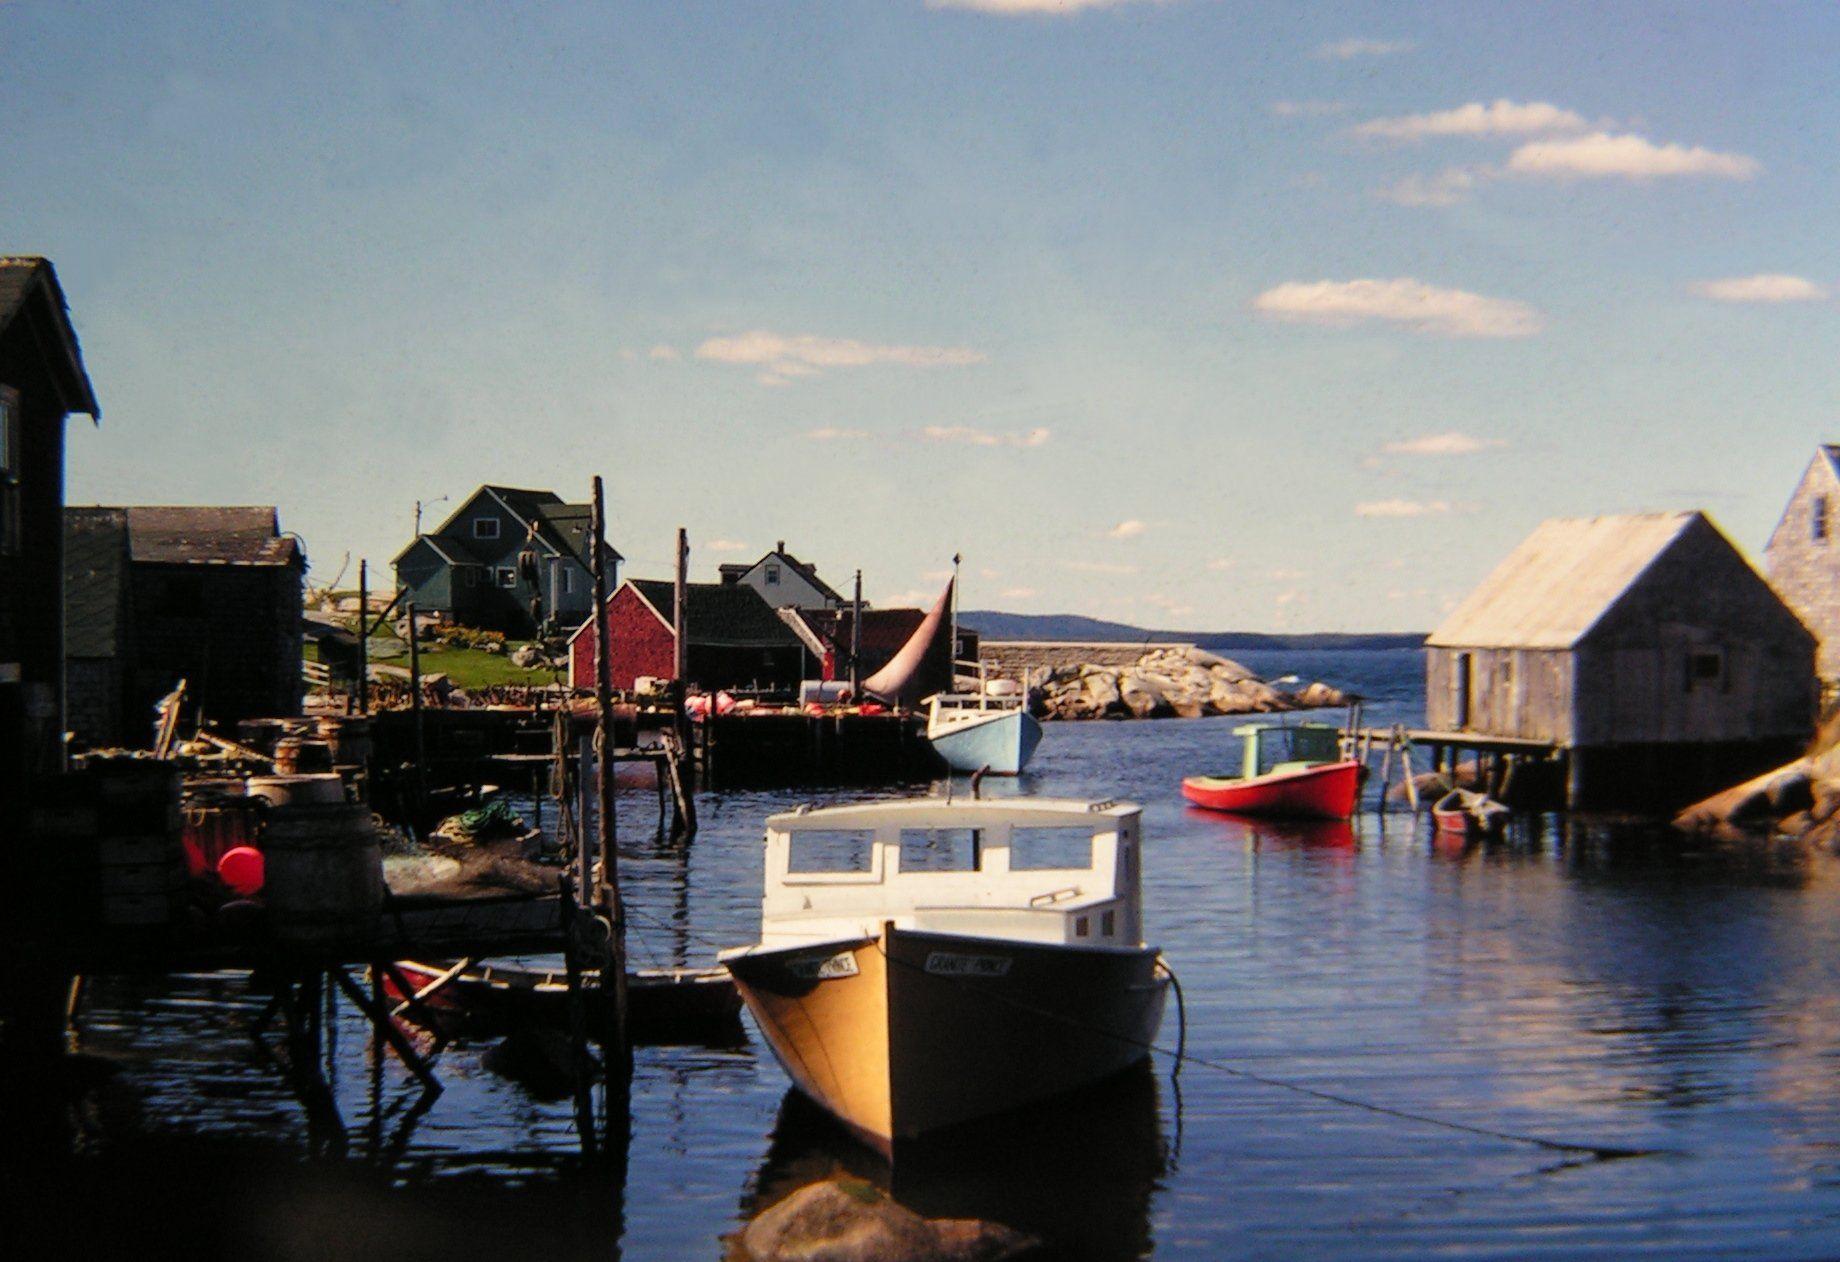 Canada. Nova Scotia. Peggys Cove, Nova Scotia, aug 1978